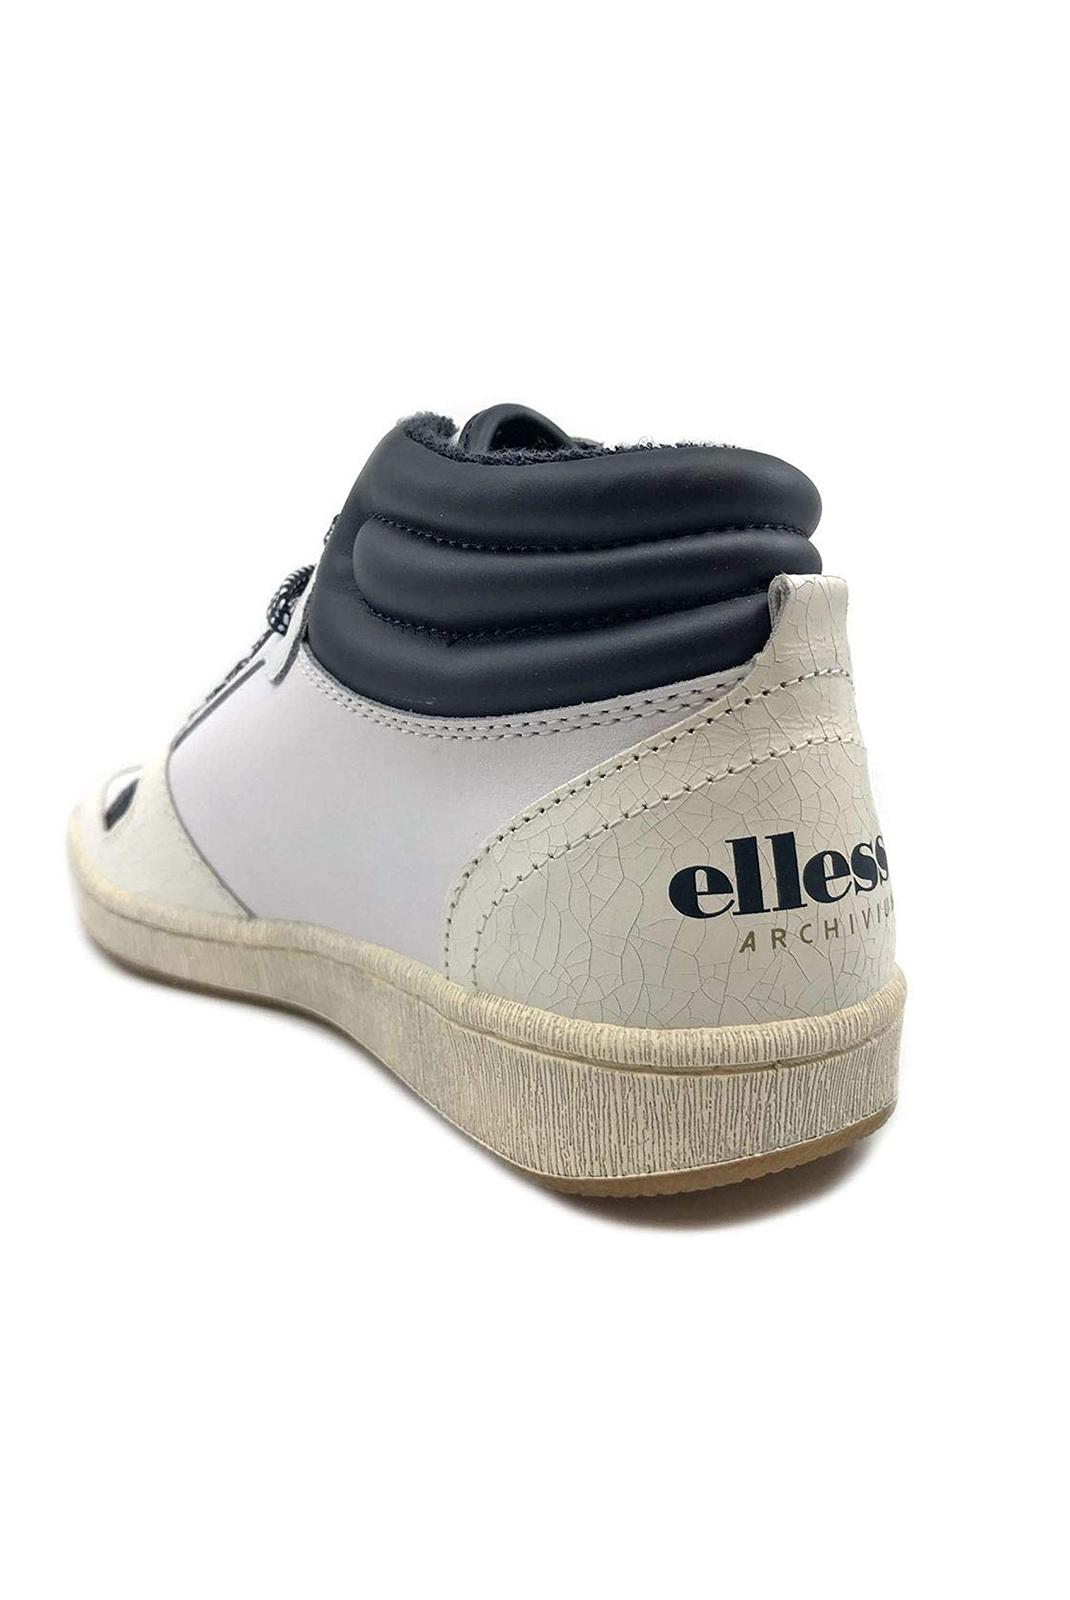 Baskets / Sport  Ellesse EL82436 H 01 WHITE DEEP CRACK